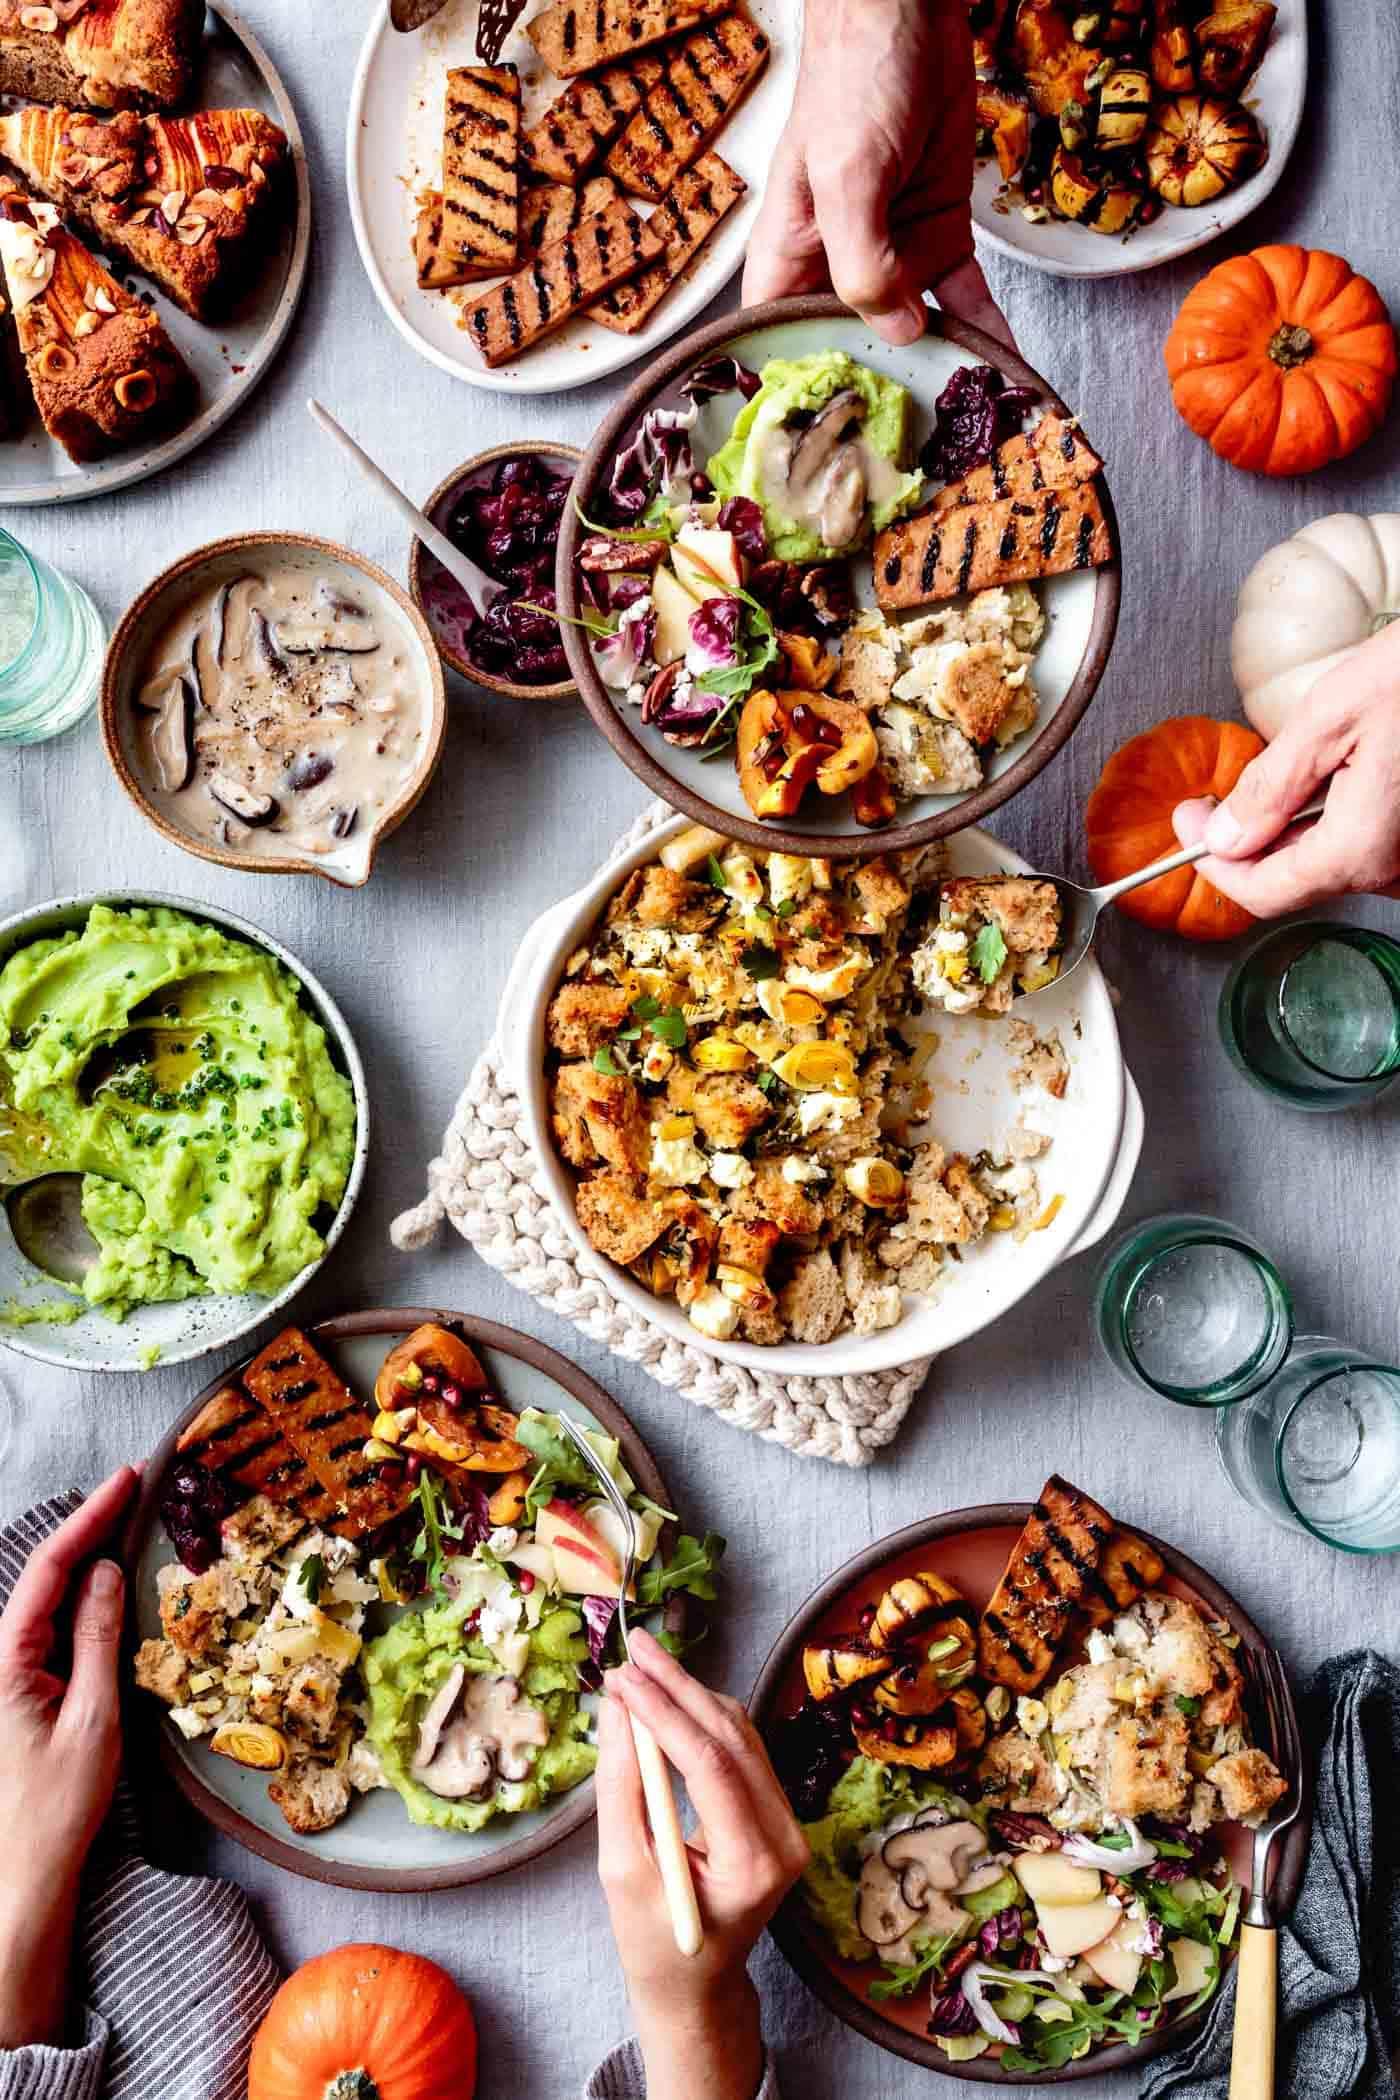 Serving a Gluten-Free Vegetarian Thanksgiving Meal